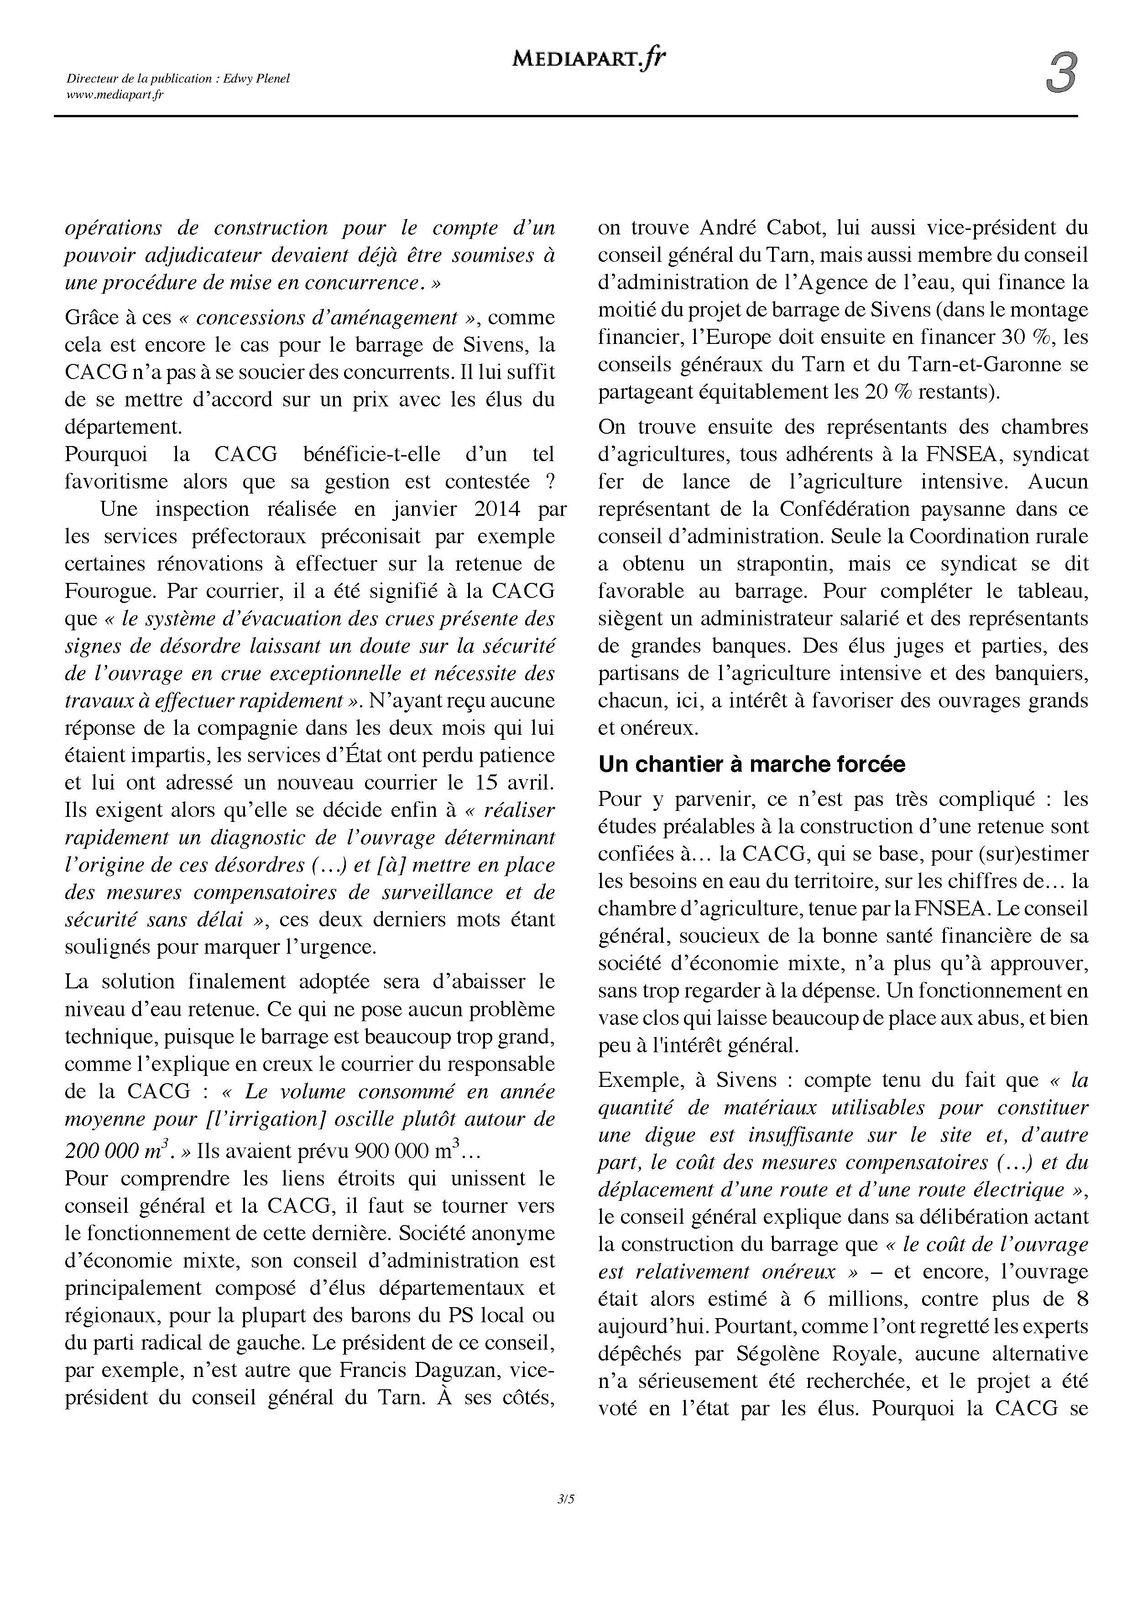 Le papier Médiapart du 29 octobre à propos du barrage de Sivens